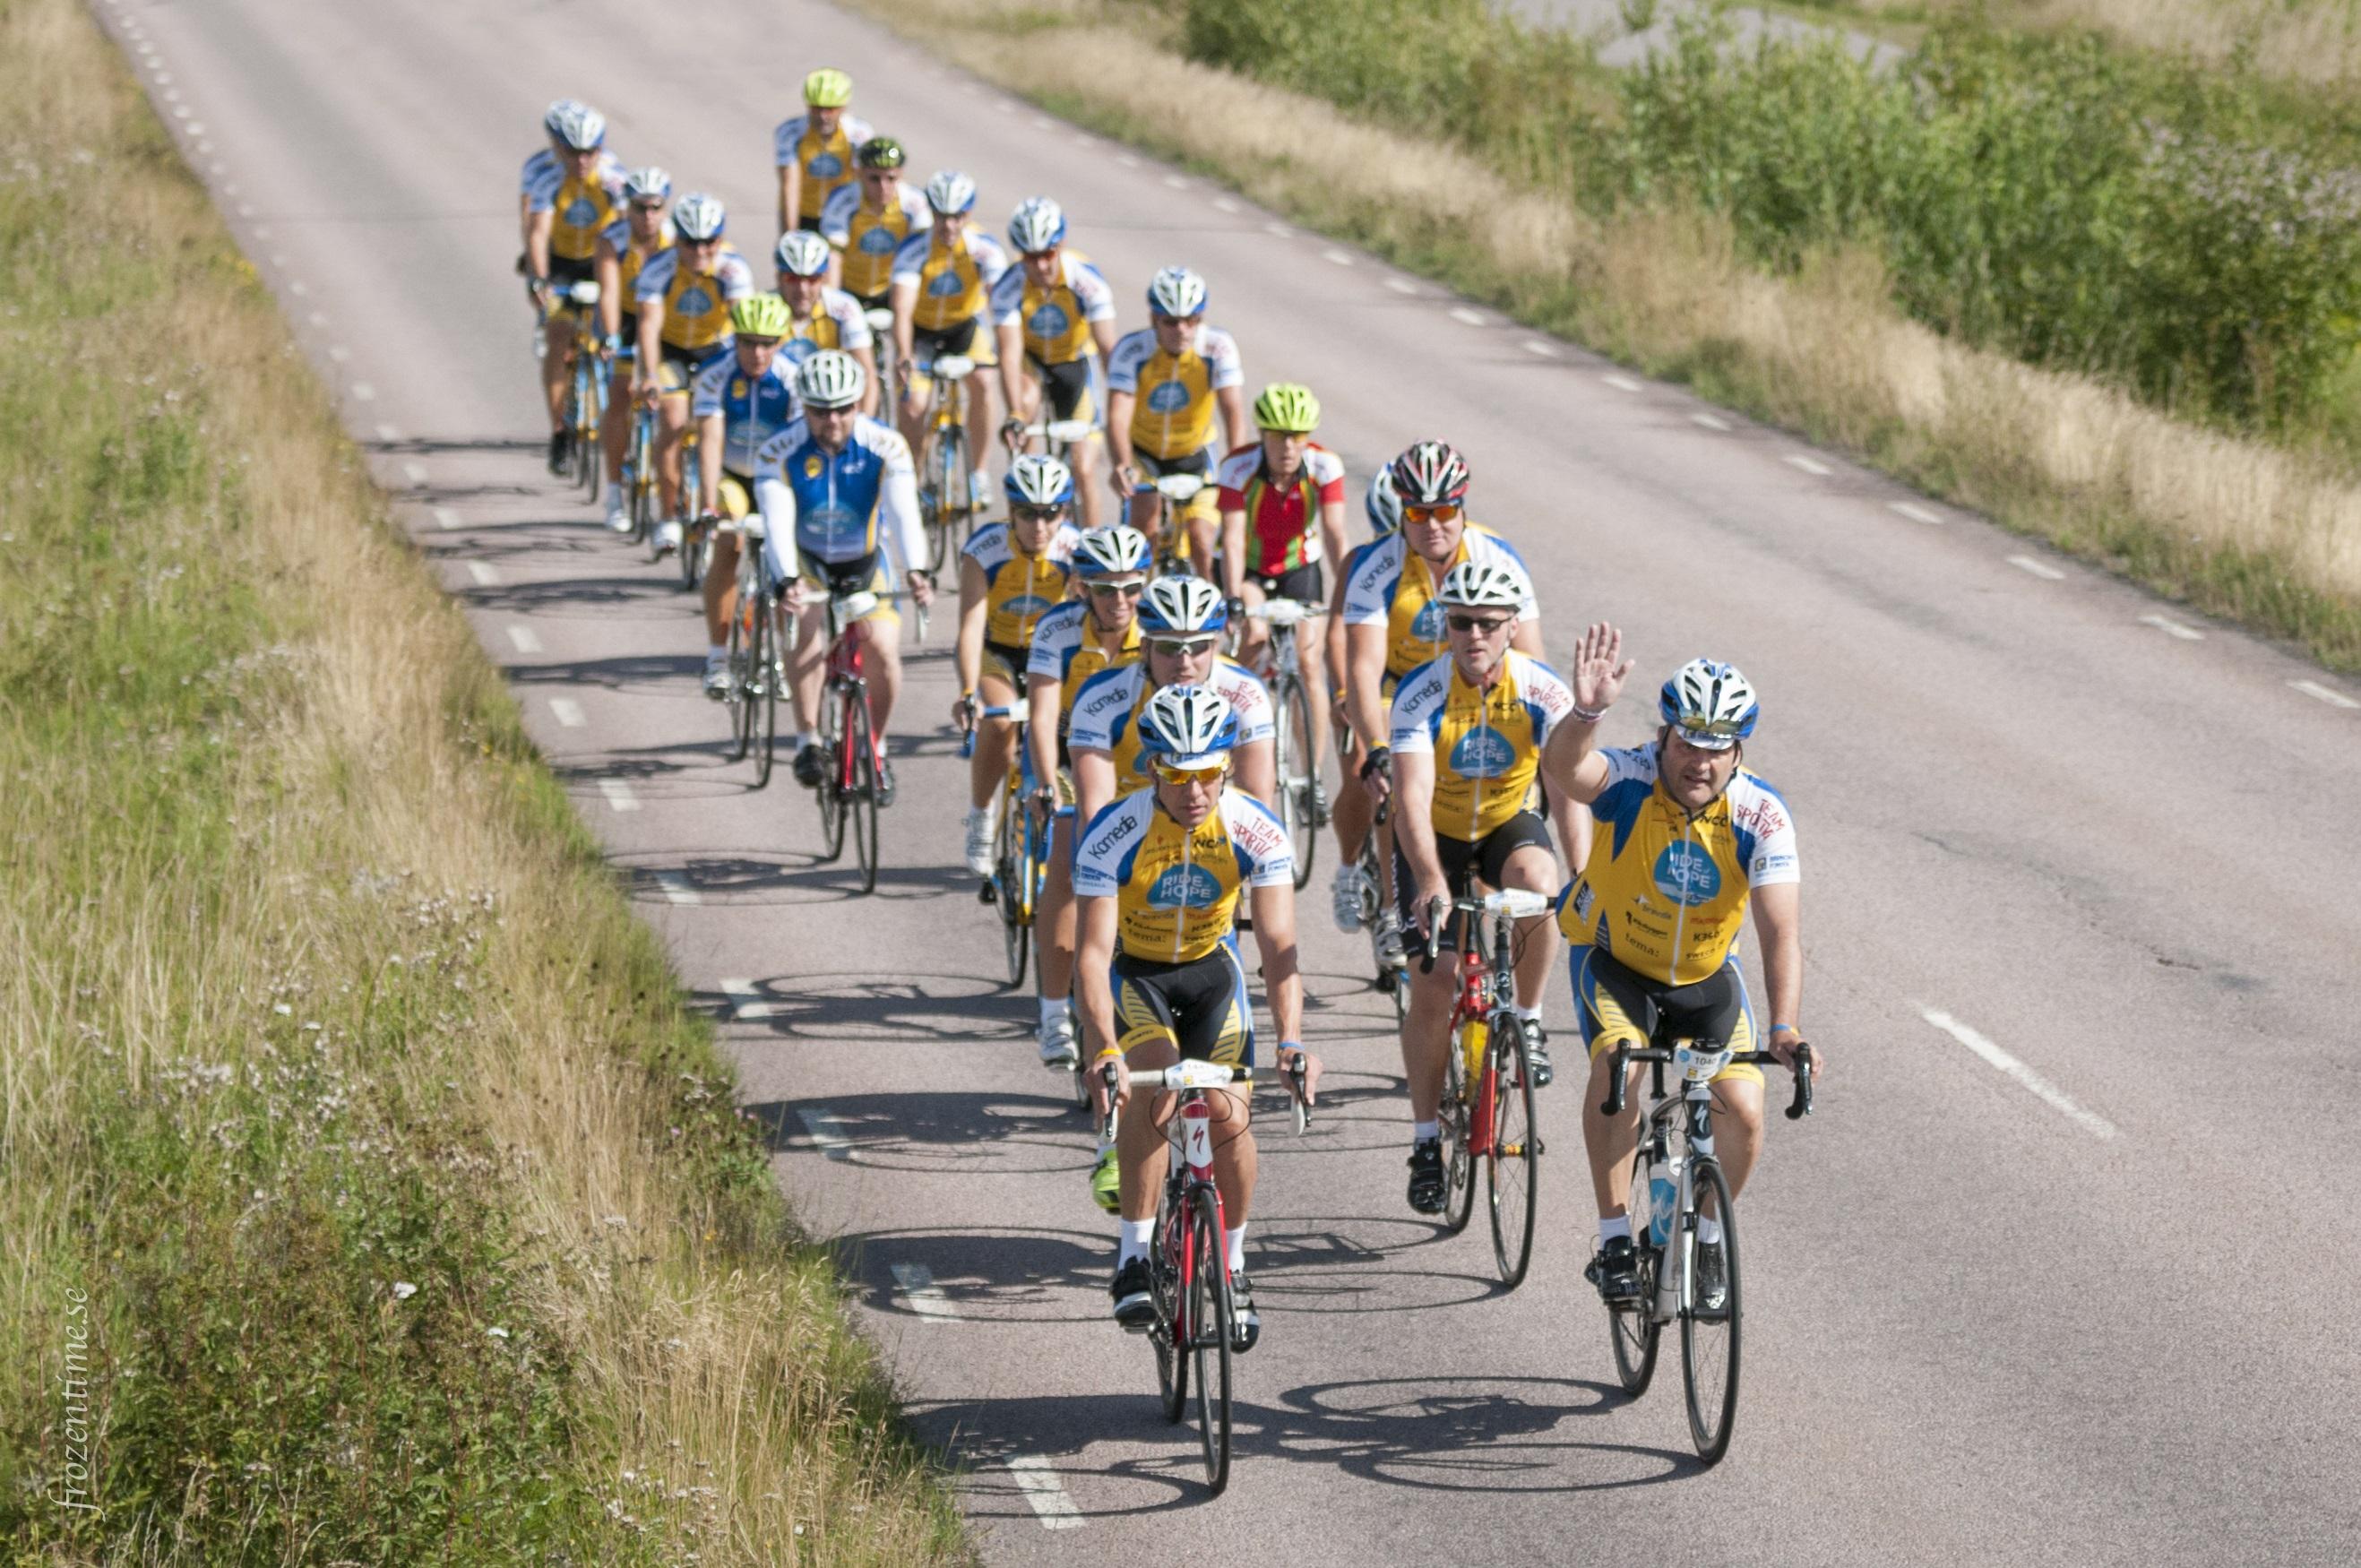 Cyklister i Ride of Hope. Pengarna som samlas in genom loppet går till Barncancerfondens arbete för att bekämpa barncancer. Foto: Mark Harris